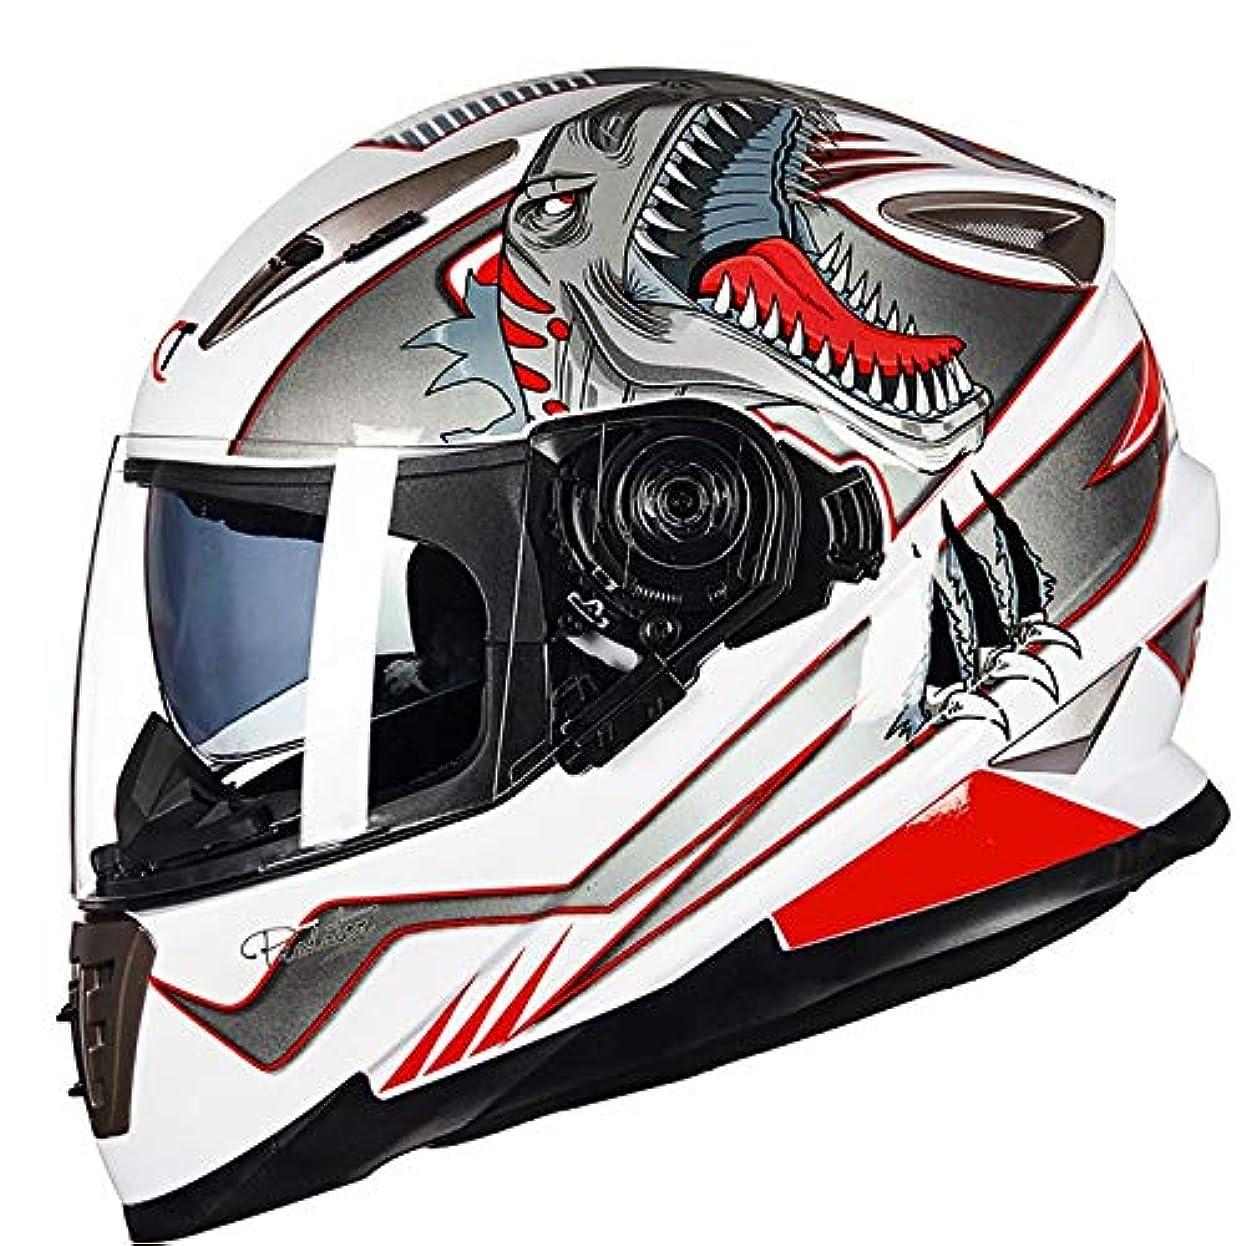 いろいろ準備したフォームTOMSSL高品質 ホワイト恐竜大人自転車ヘルメット乗馬電気自動車オートバイヘルメット自転車マウンテンバイクヘルメット屋外乗馬機器 (Size : M)